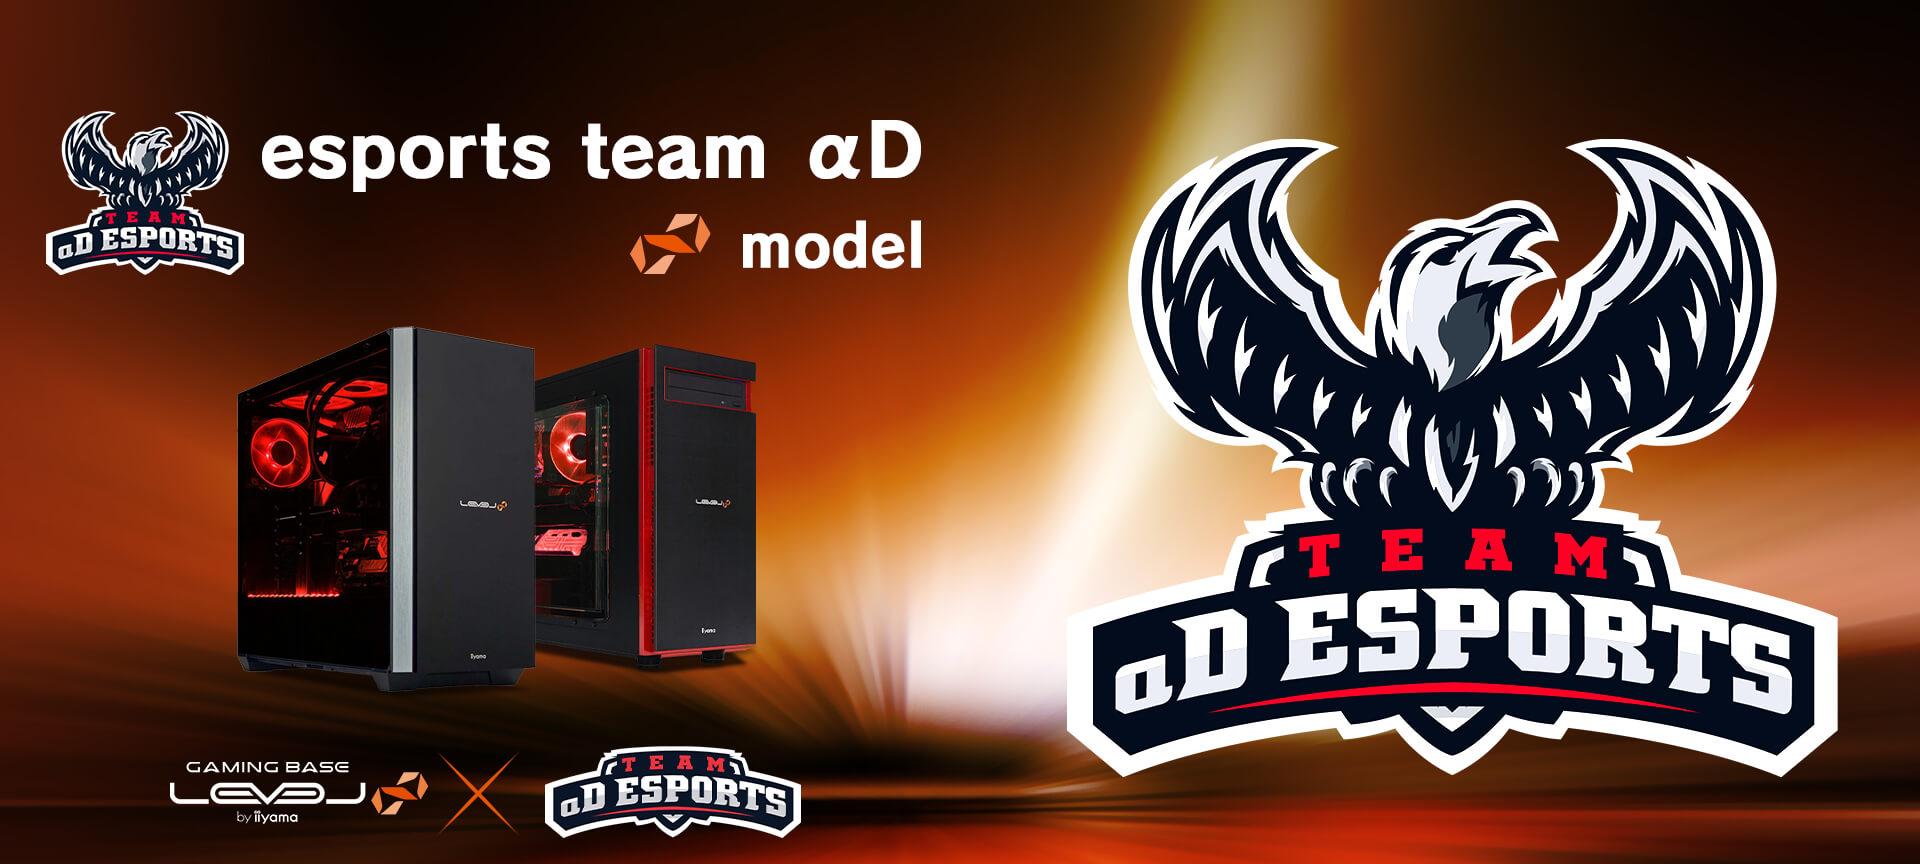 esports team αD コラボゲーミングPC